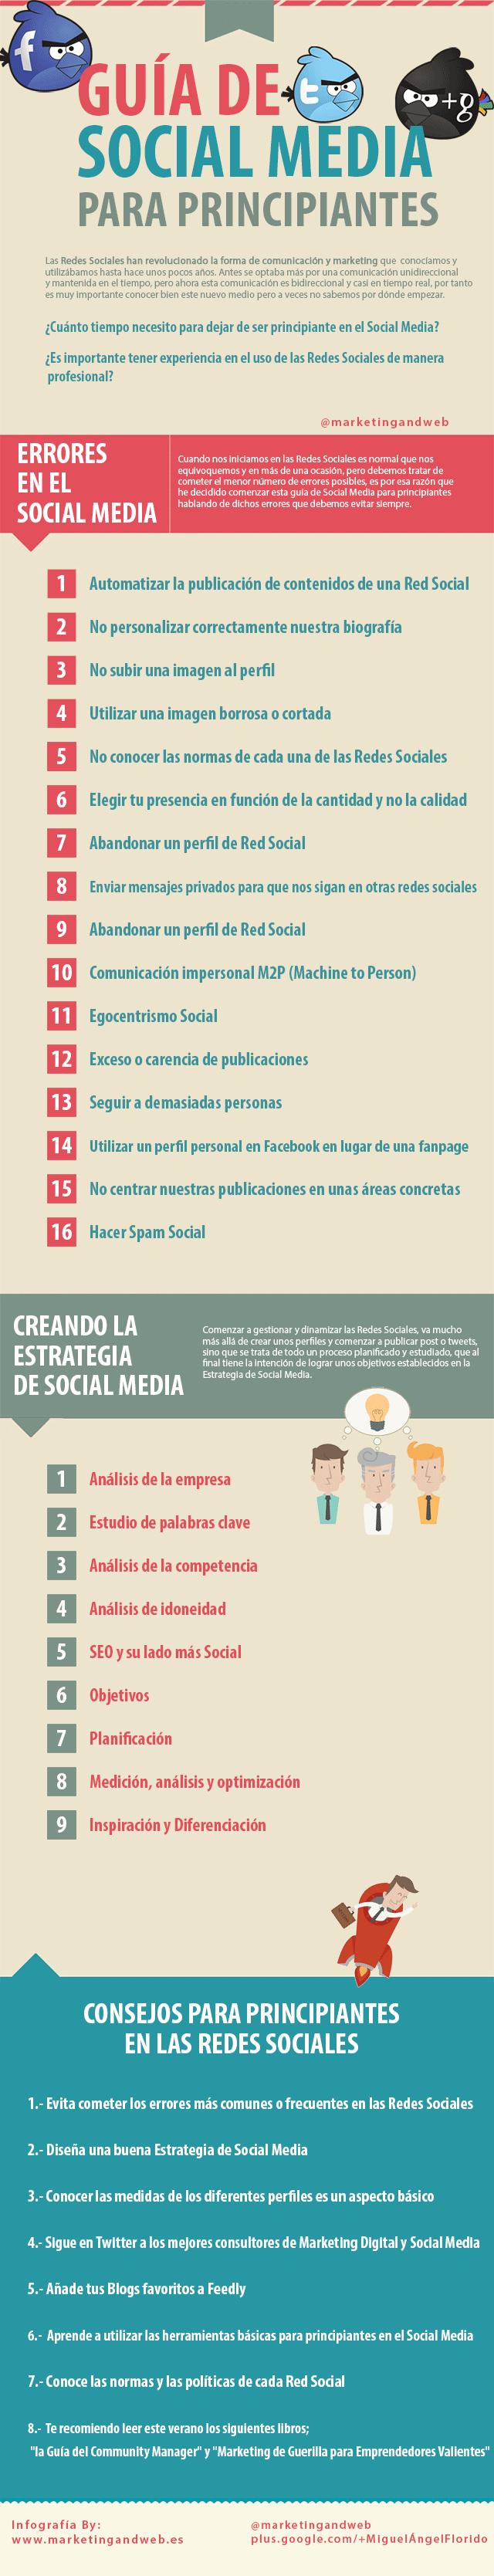 Guía de Redes Sociales para principiantes